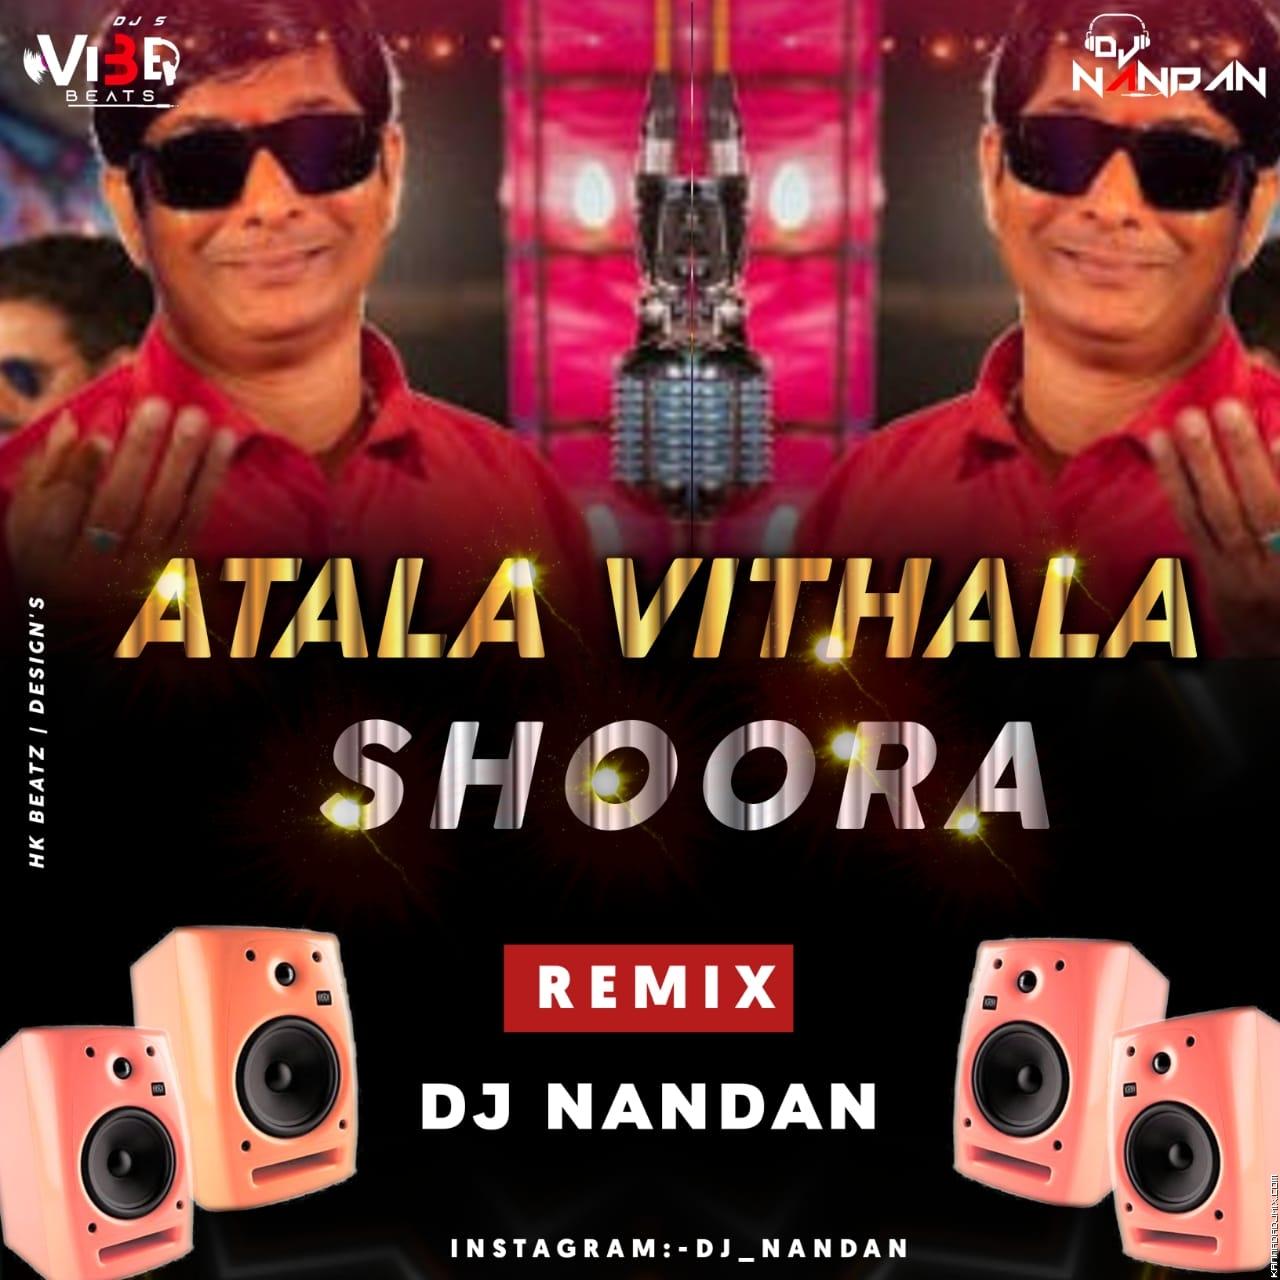 Atala Vittala Shoora Remix Remix Vibe Beatz Dj Nandan.mp3